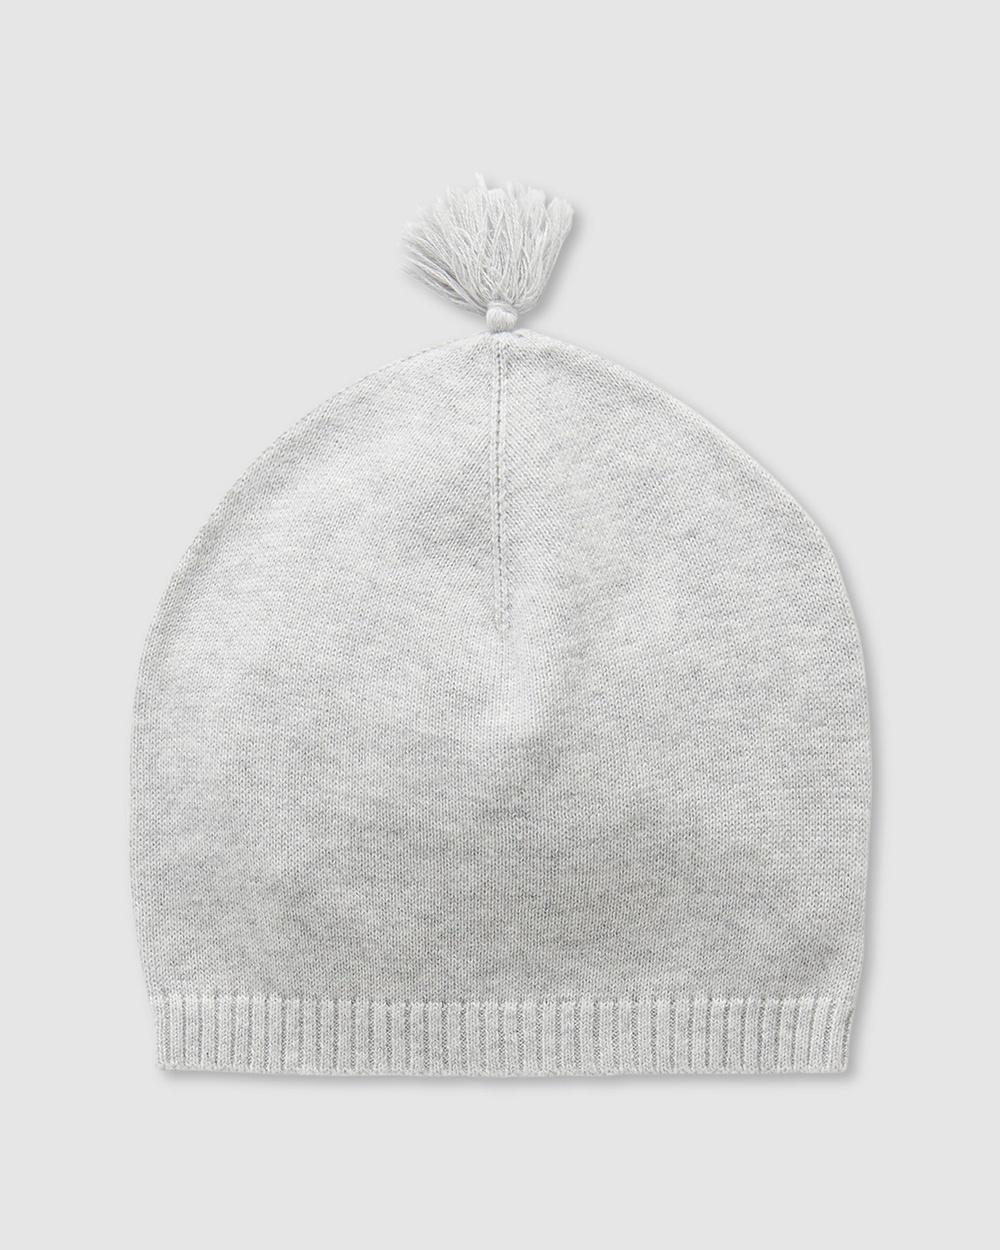 Purebaby Essentials Newborn Beanie Babies Headwear Pale Grey Melange